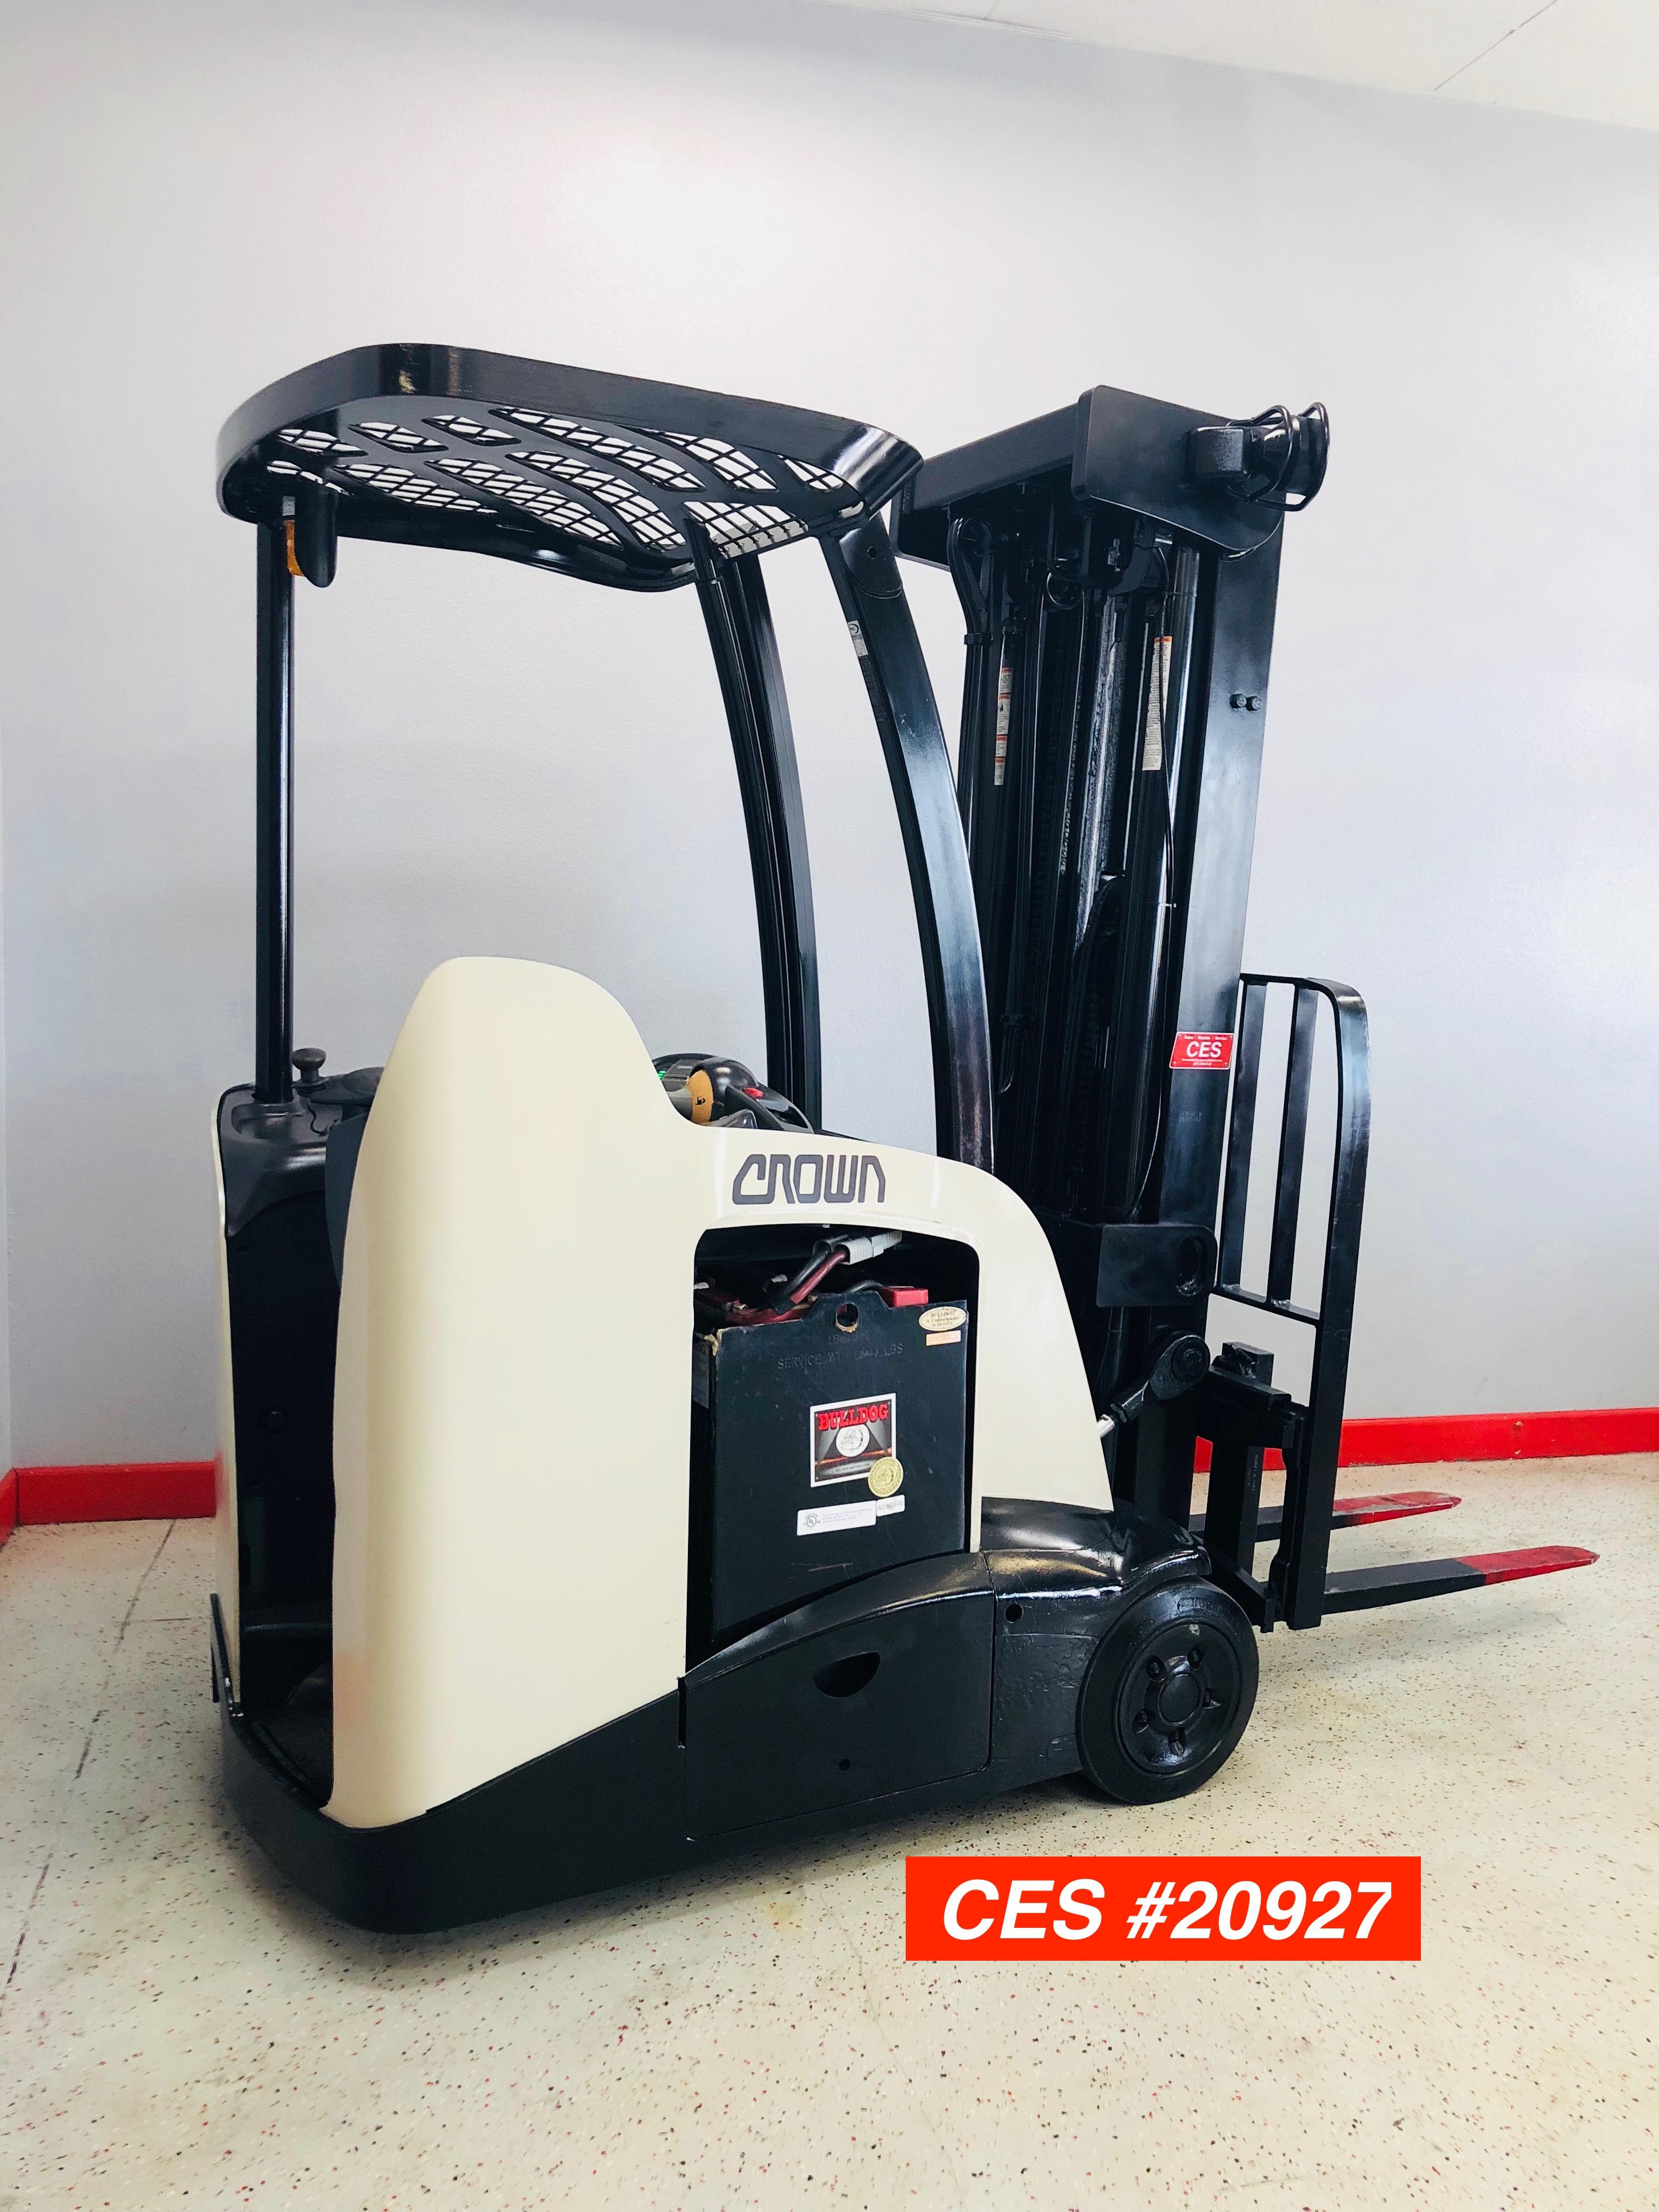 Used Forklift Dealer Ces 20927 Crown Rc5540 40 Docker